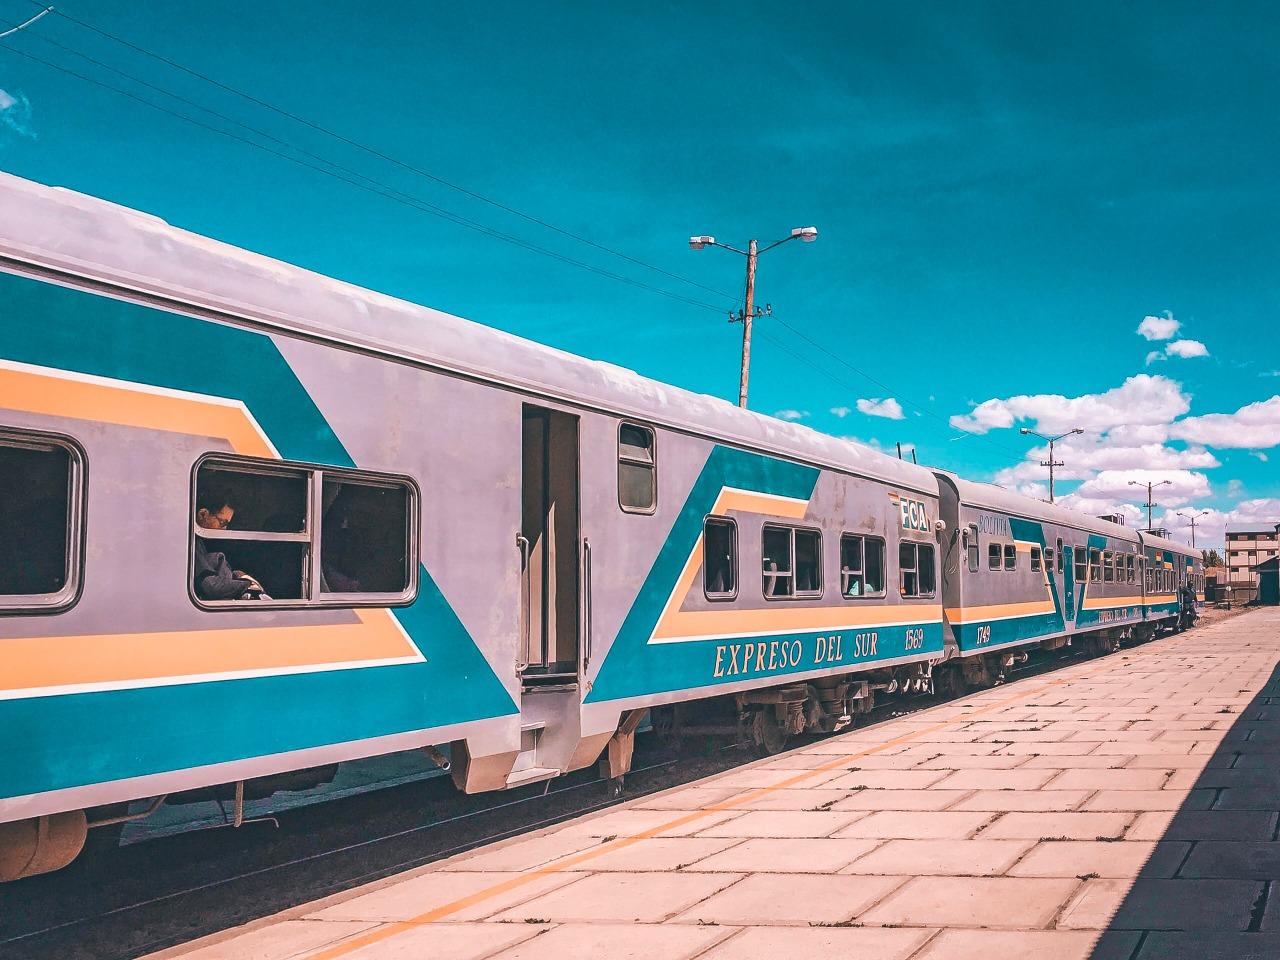 train station in Oruro, Bolivia